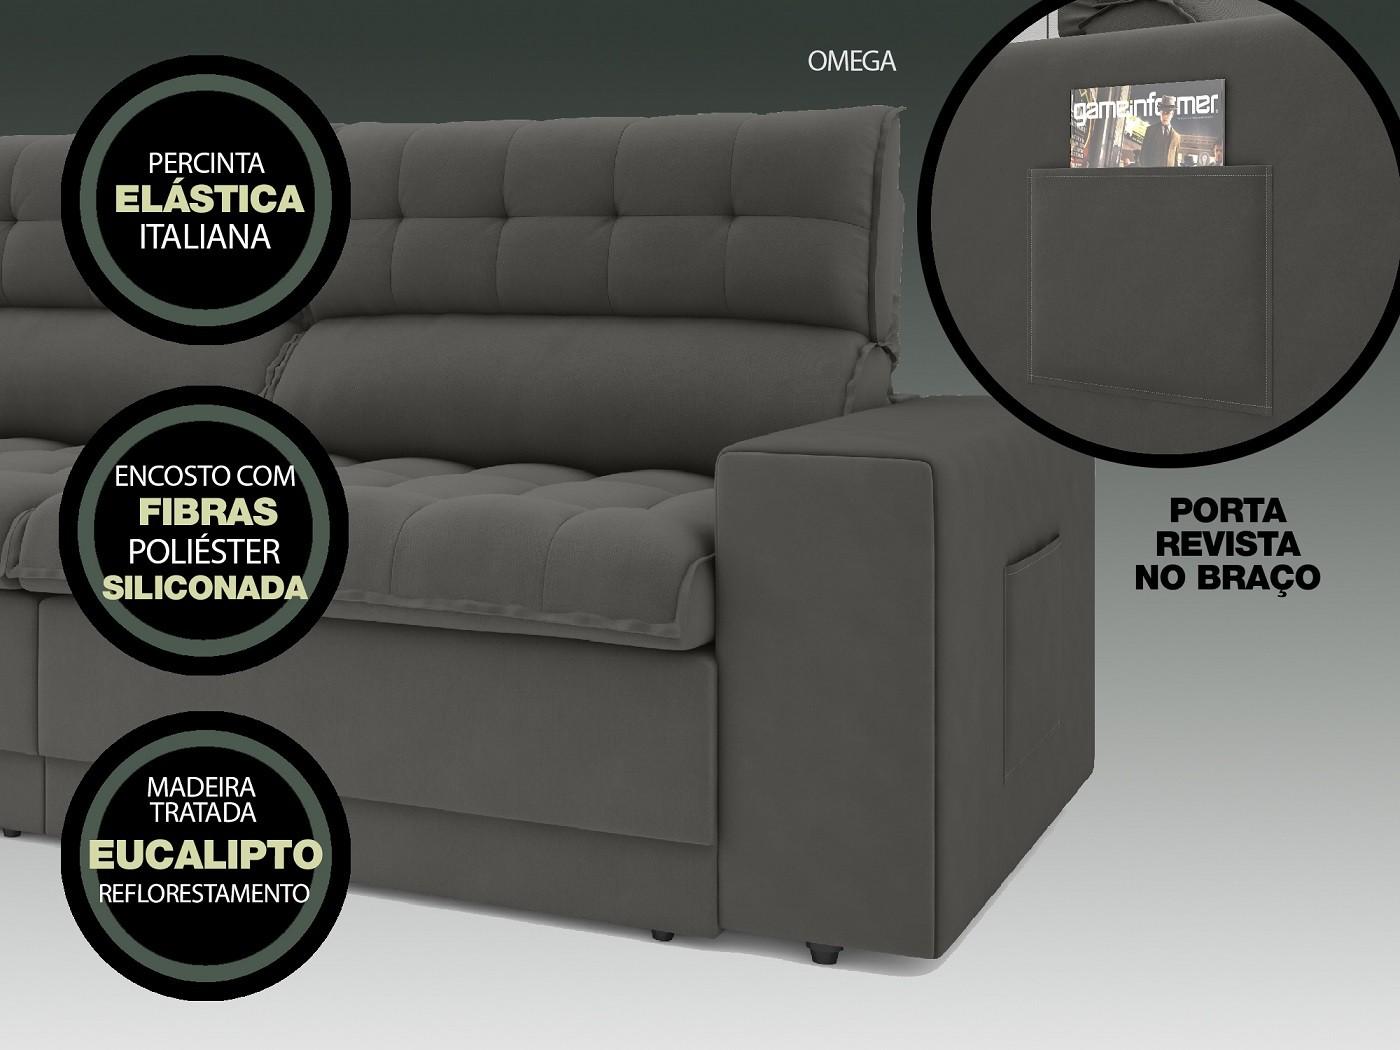 Sofá Omega 2,00m Assento Retrátil e Reclinável Velosuede Cinza - NETSOFAS  - NETSOFÁS